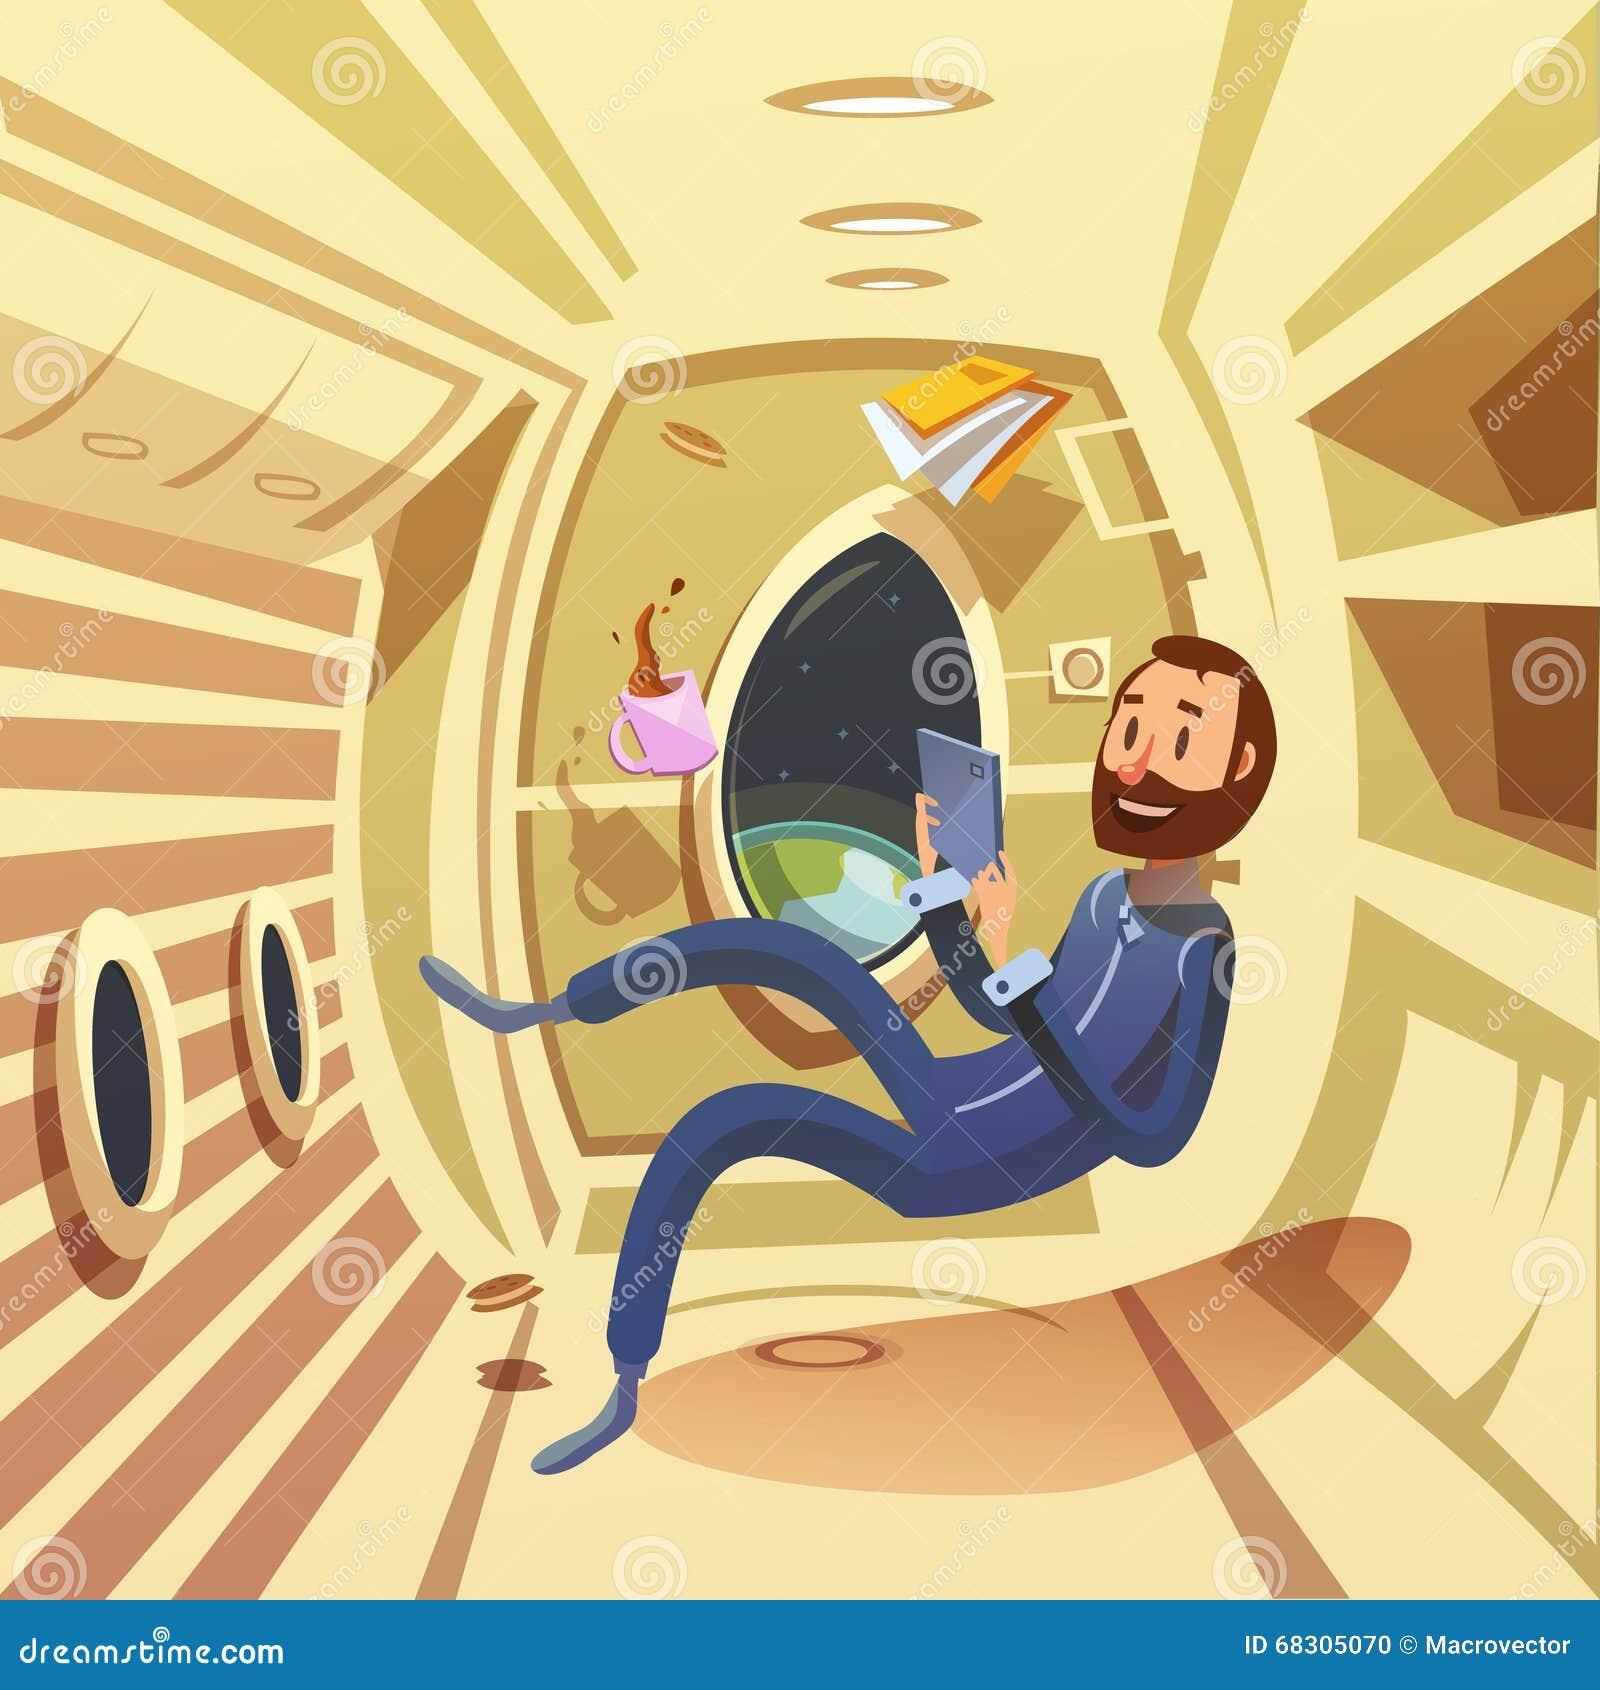 太空飞船内部例证图片